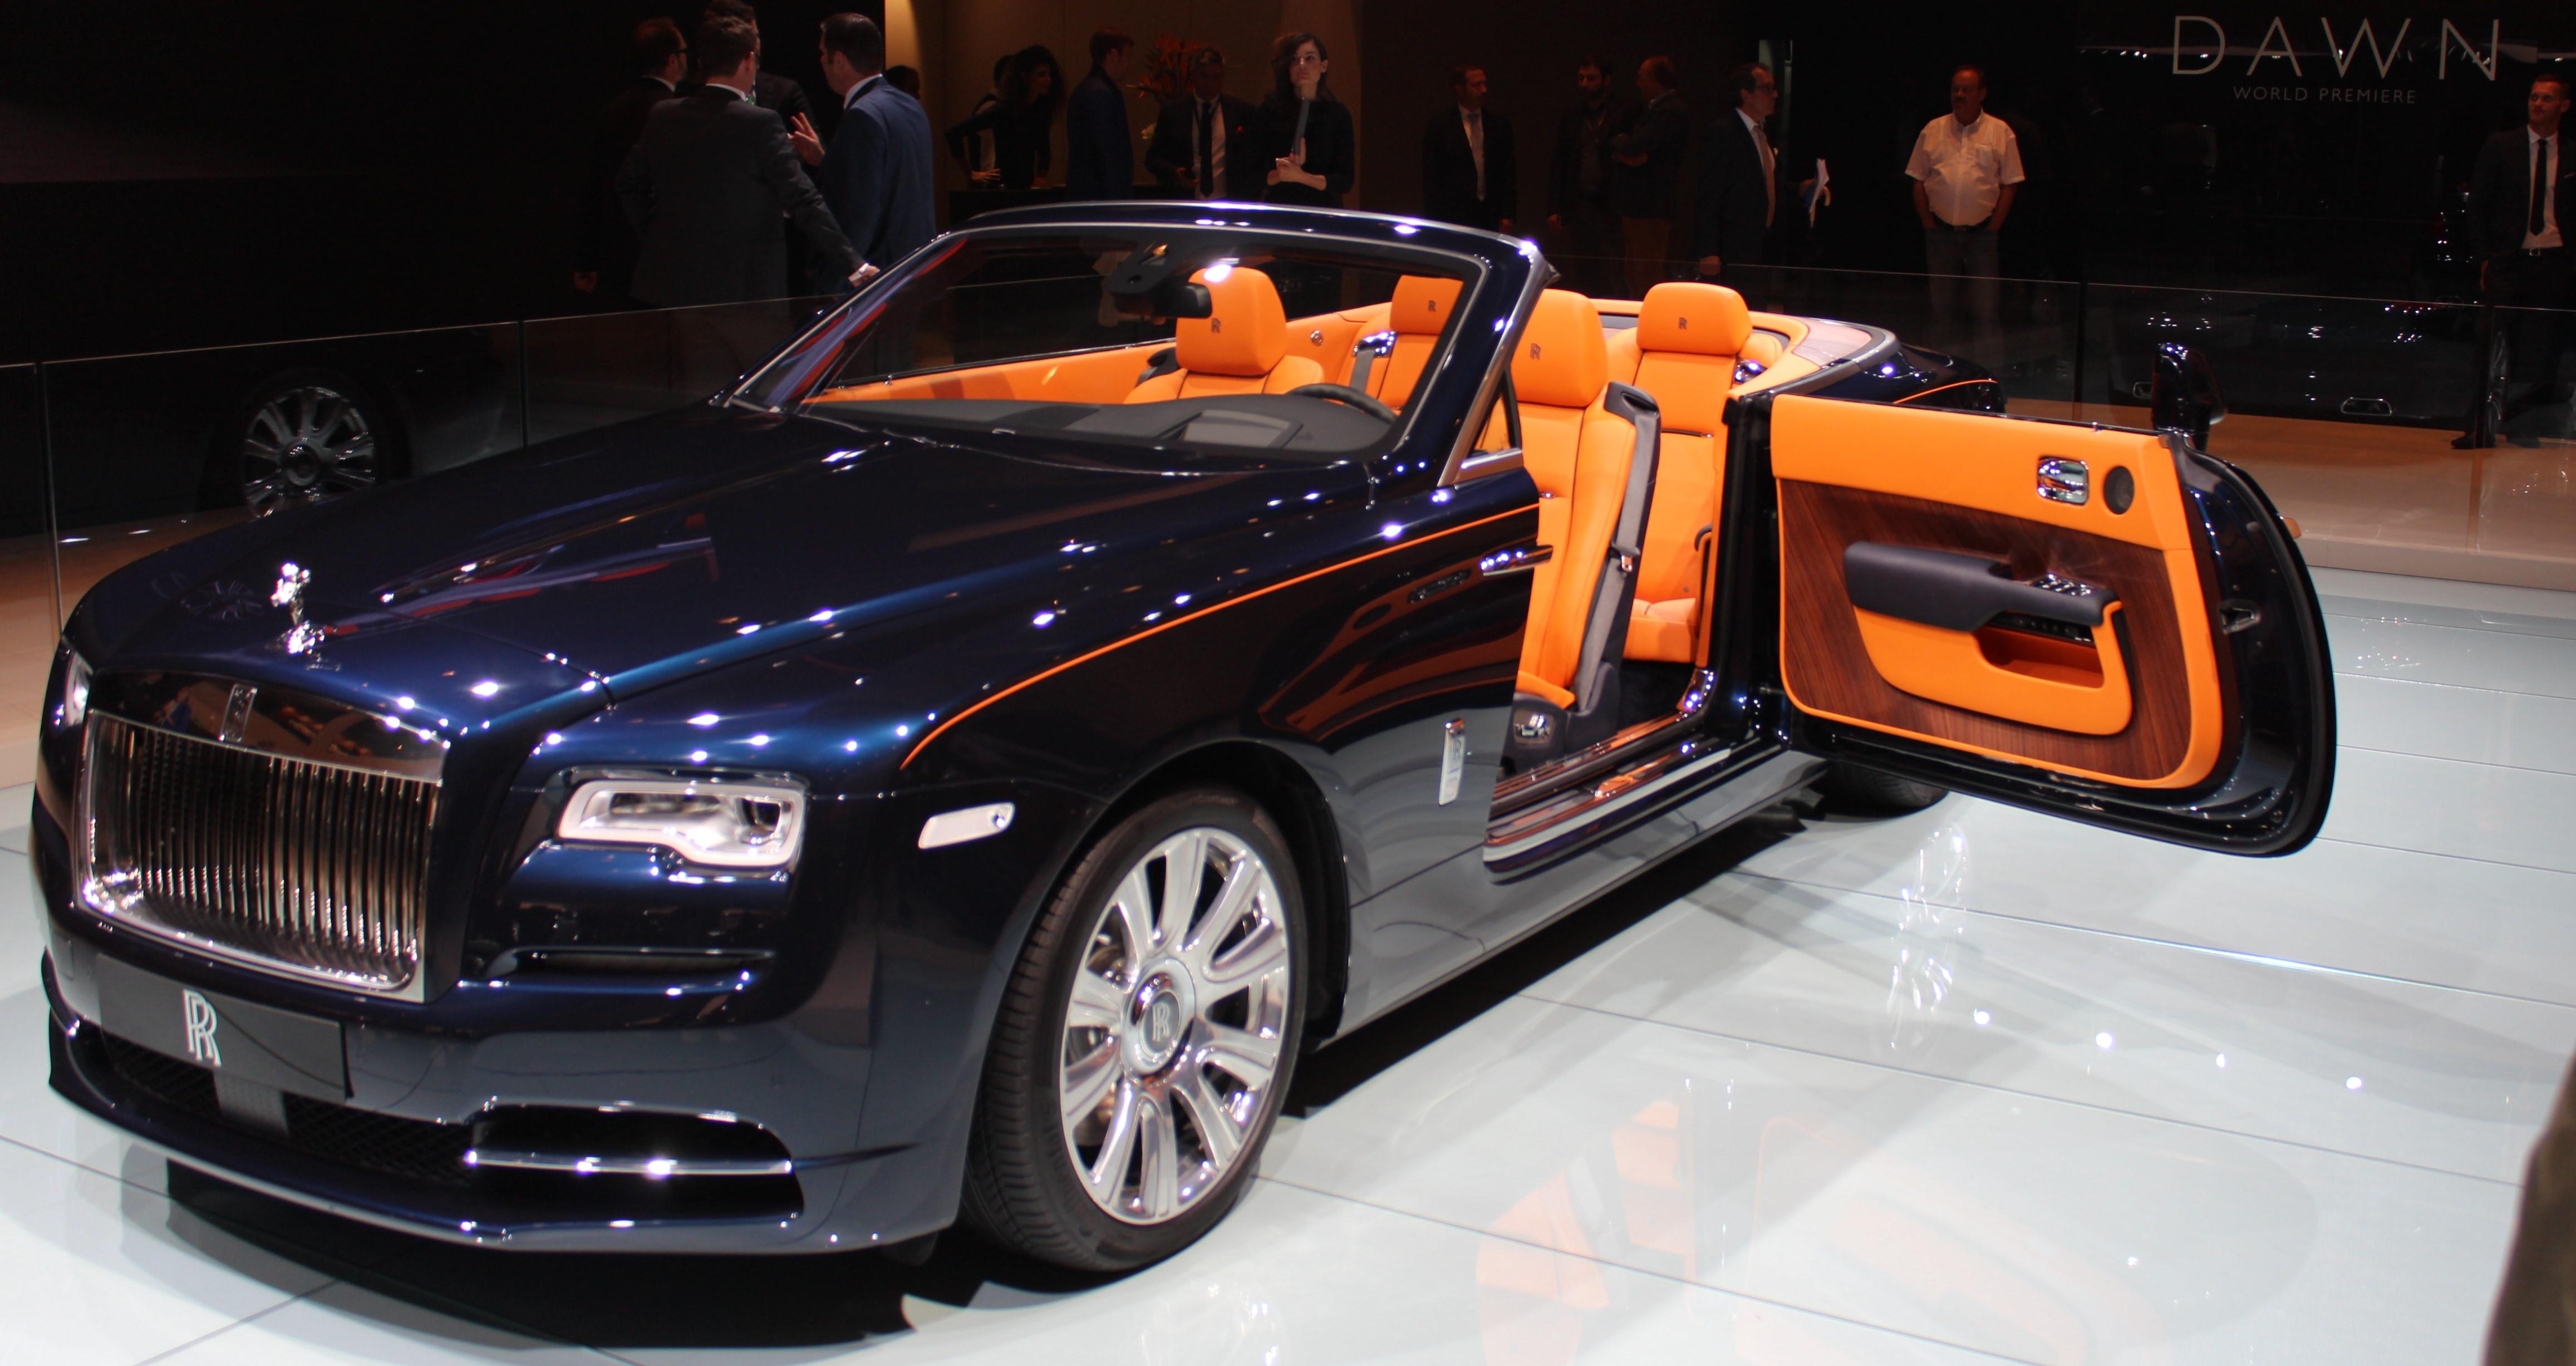 """Rolls Royce Dawn, märkets """"lilla"""" cabriolet (!). Förtjusar med sina självmordsdörrar. Mässans vackraste vagn?"""